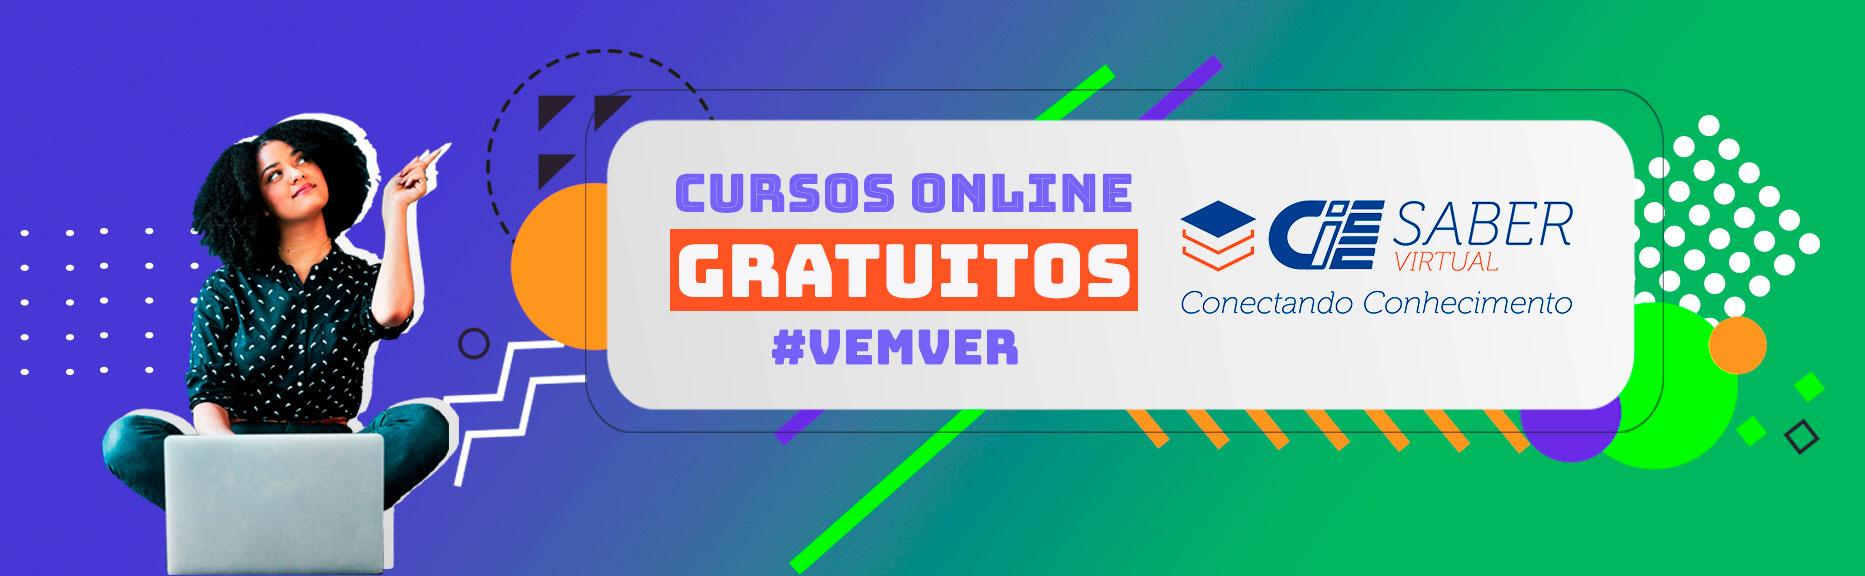 Ir para Cursos Online Gratuitos - CIEE Saber Virtual